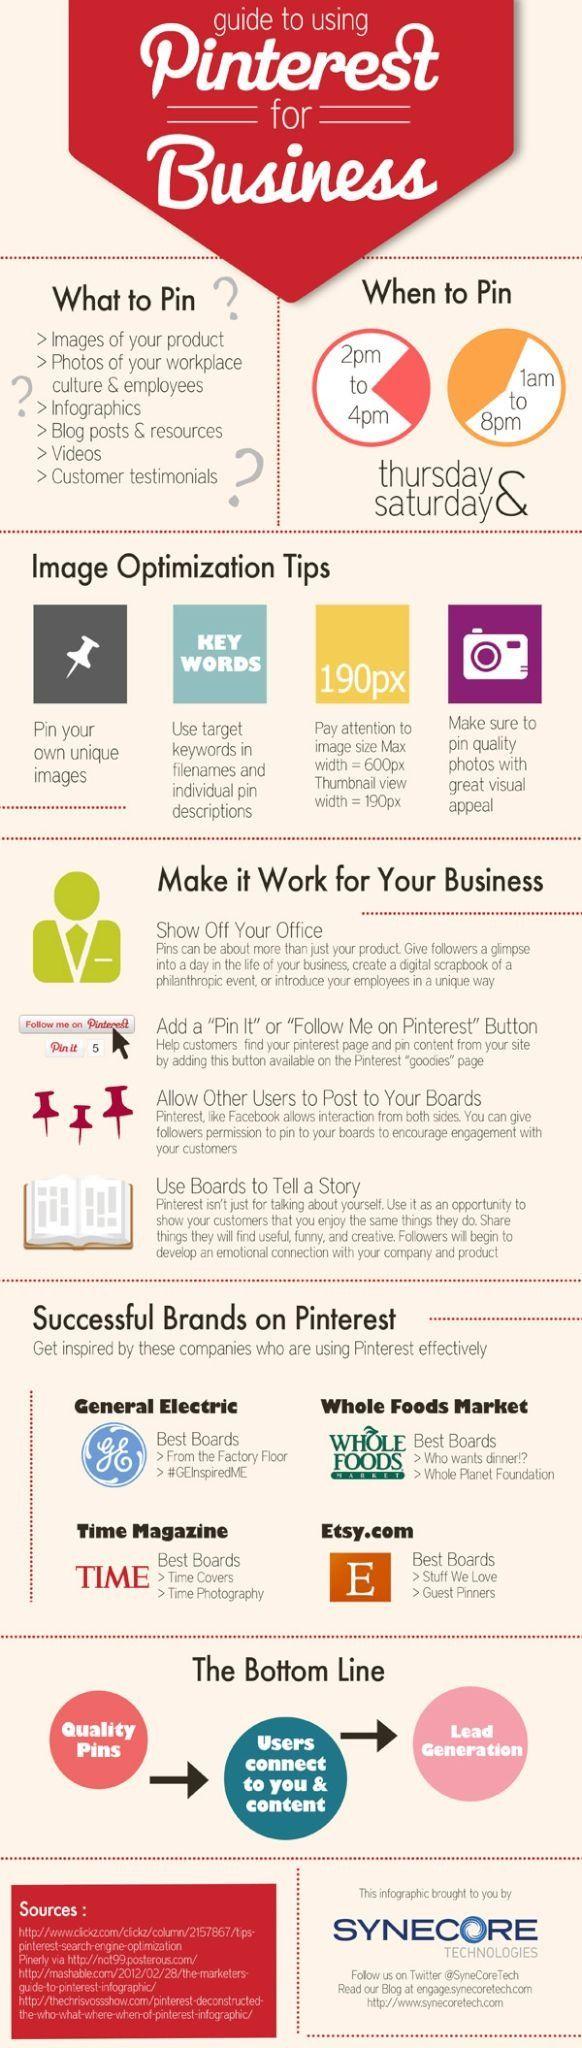 Guia do Pinterest para Negócios